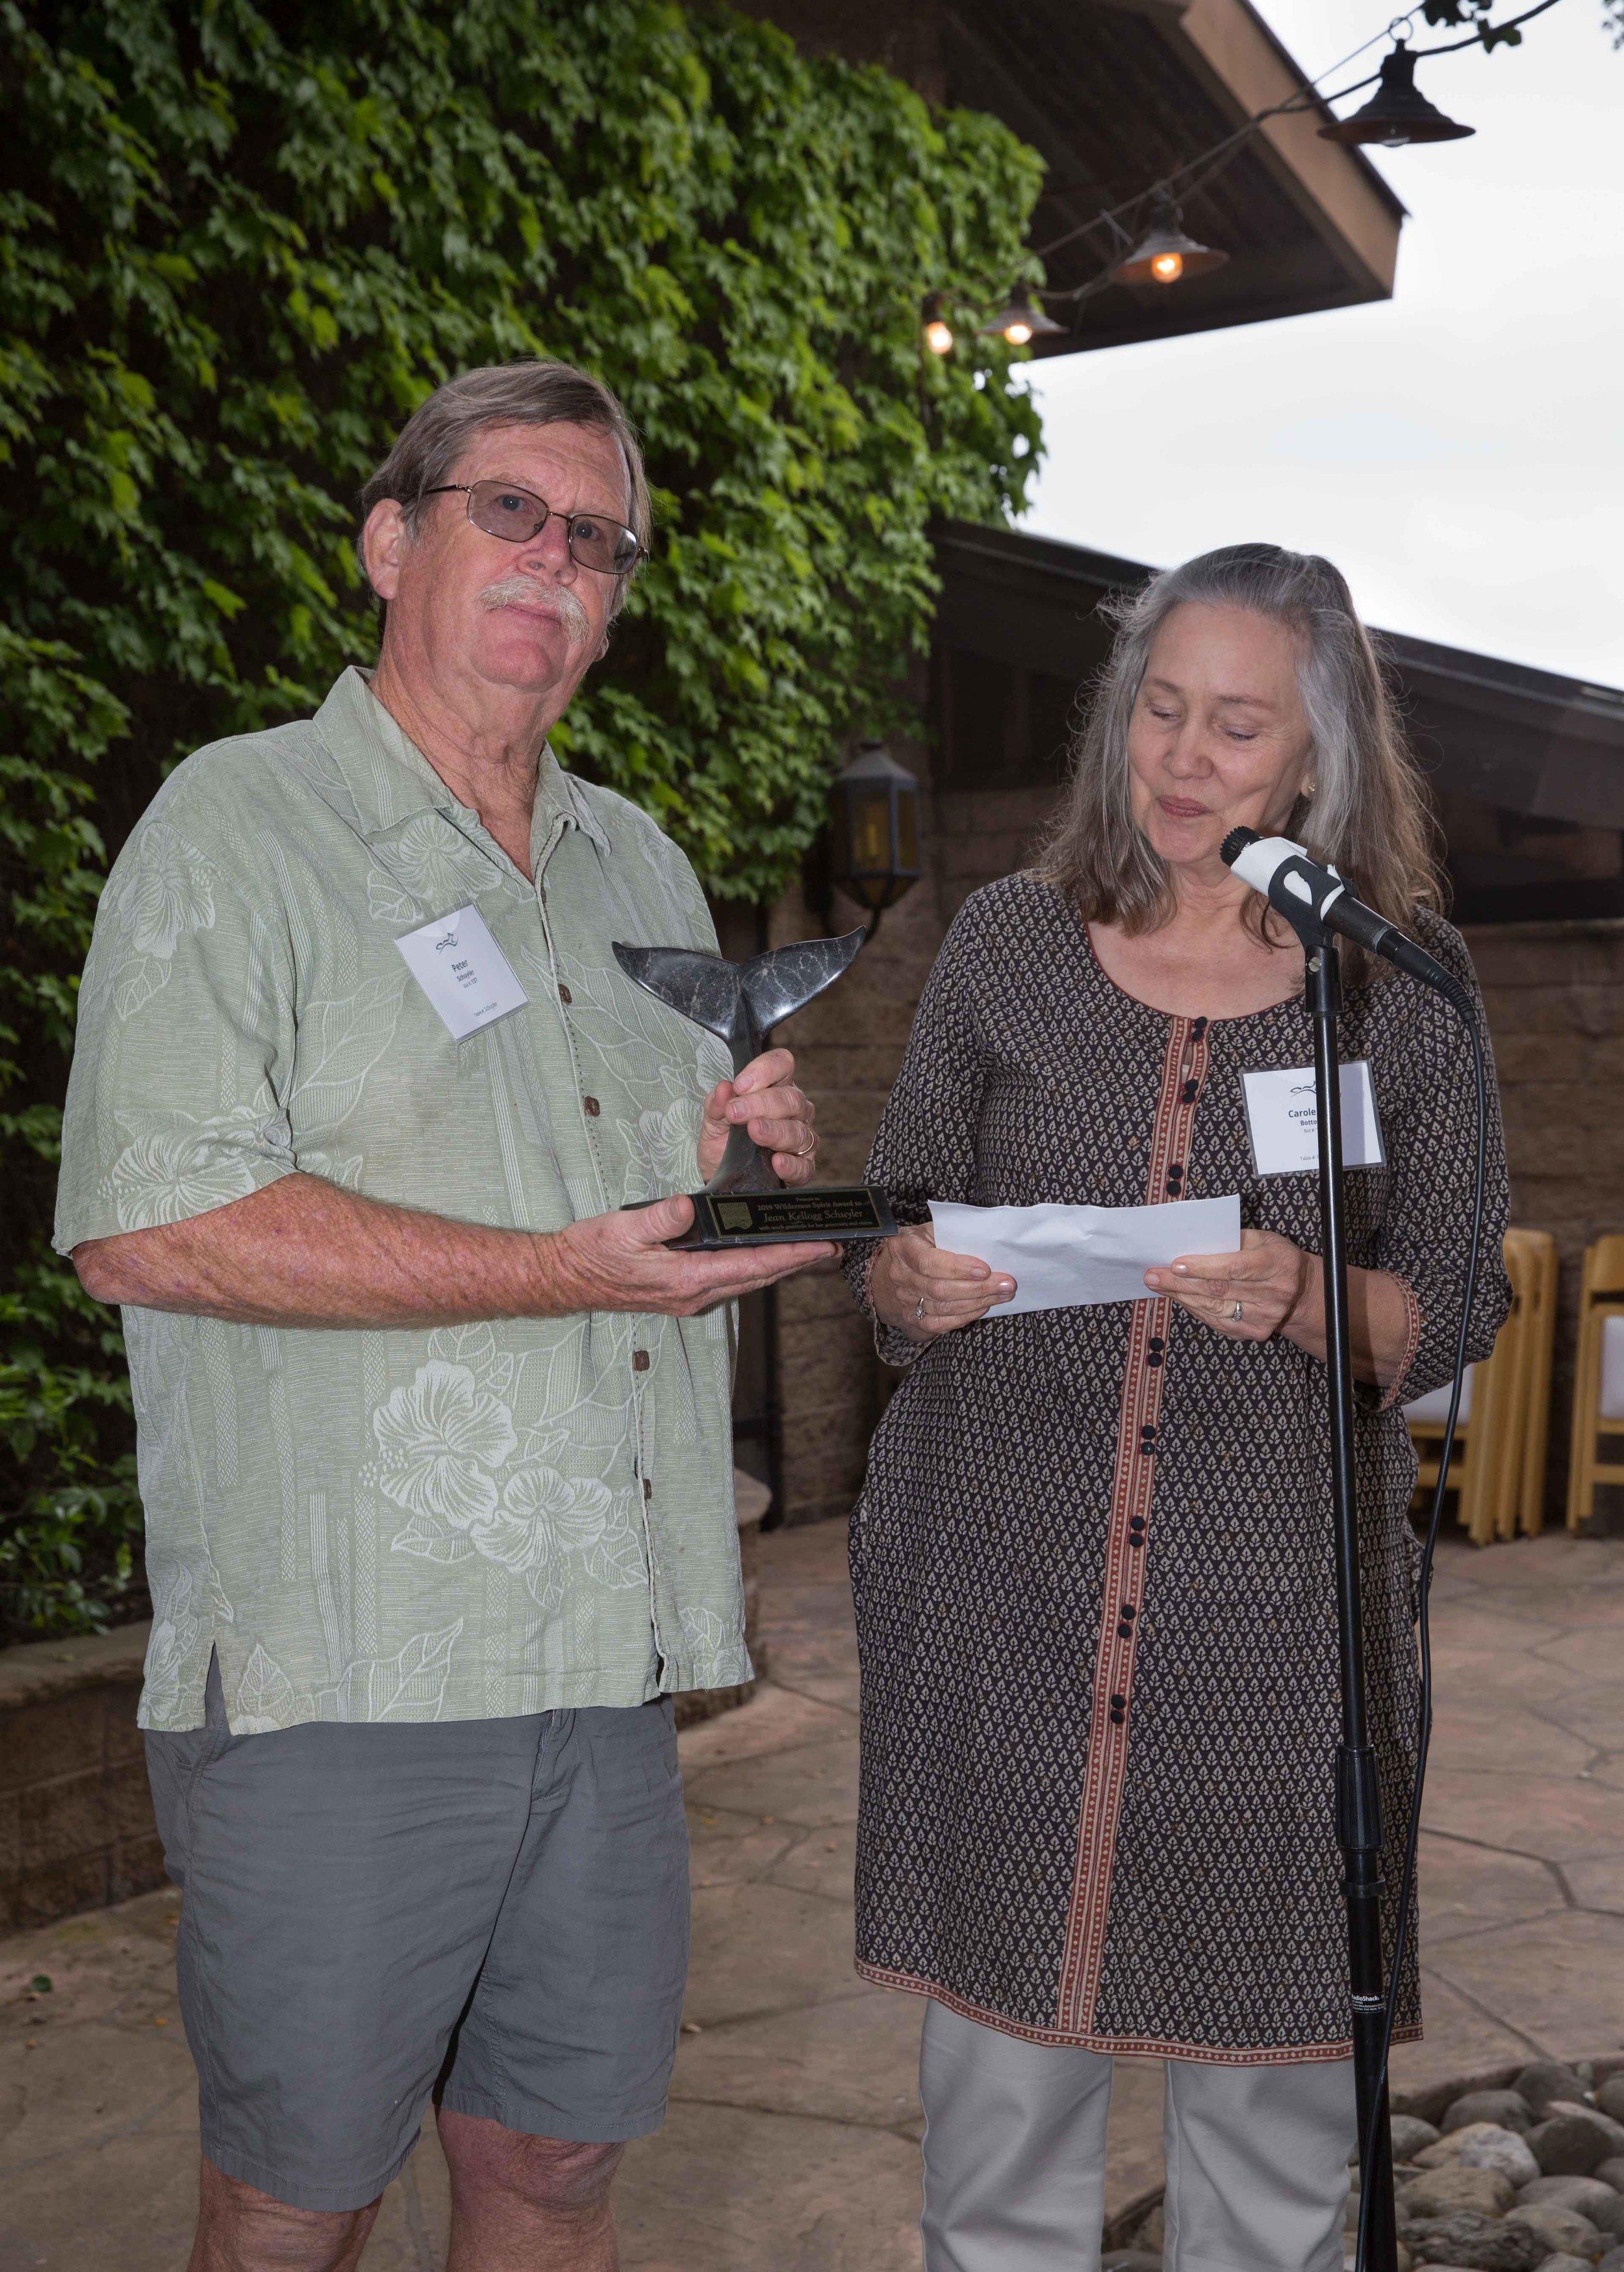 Peter Schuyler and Carole Ann Bottoms